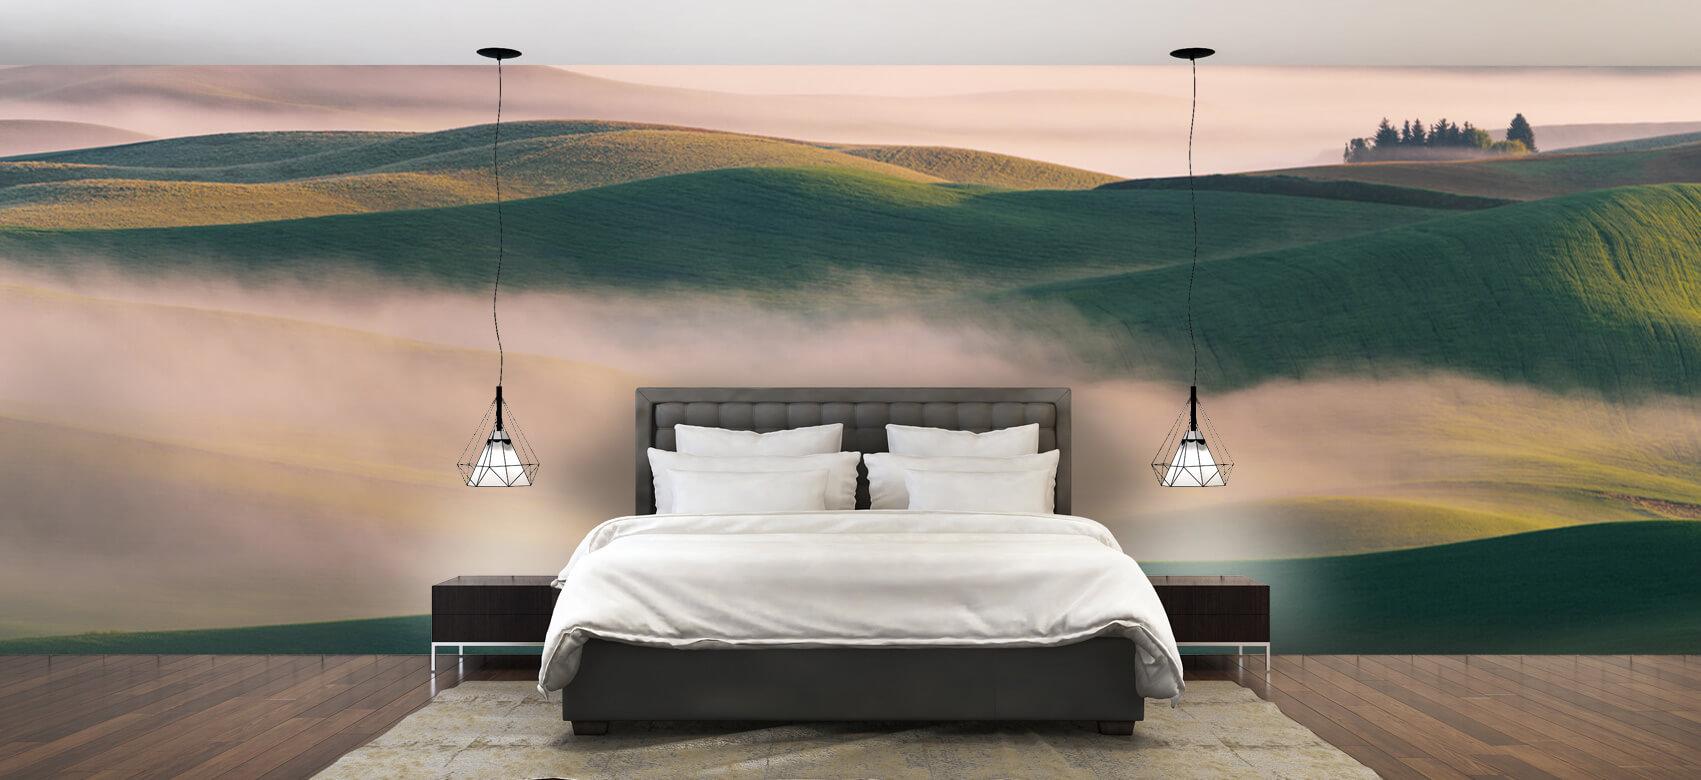 Dream Land in Morning Mist 1